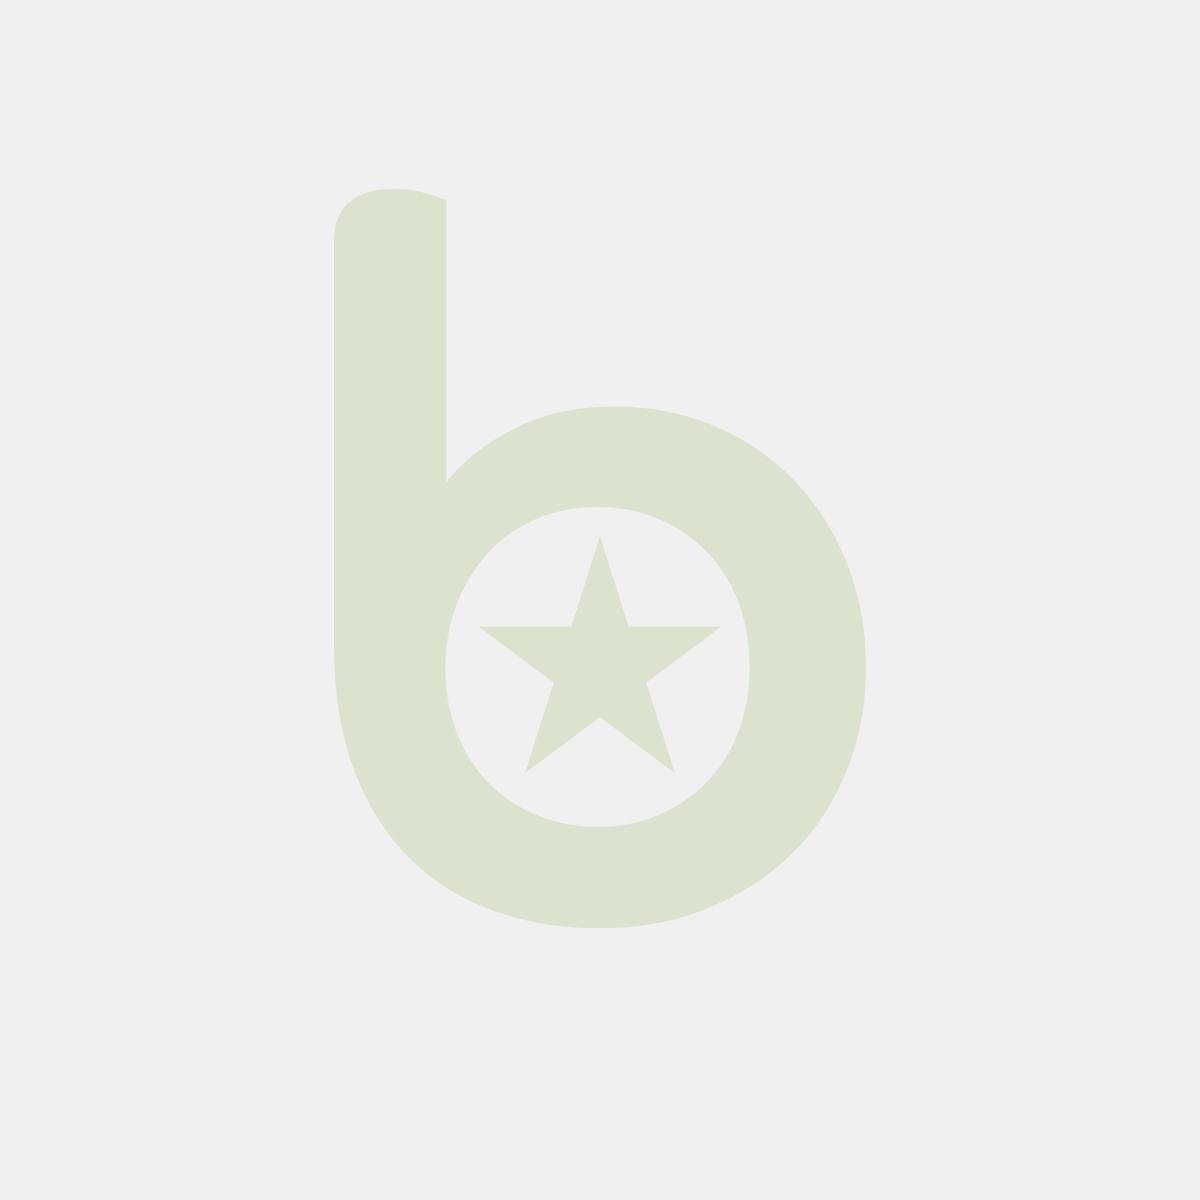 Talerz FINGERFOOD kolor: transparentny, PS, 6 szt. w opakowaniu